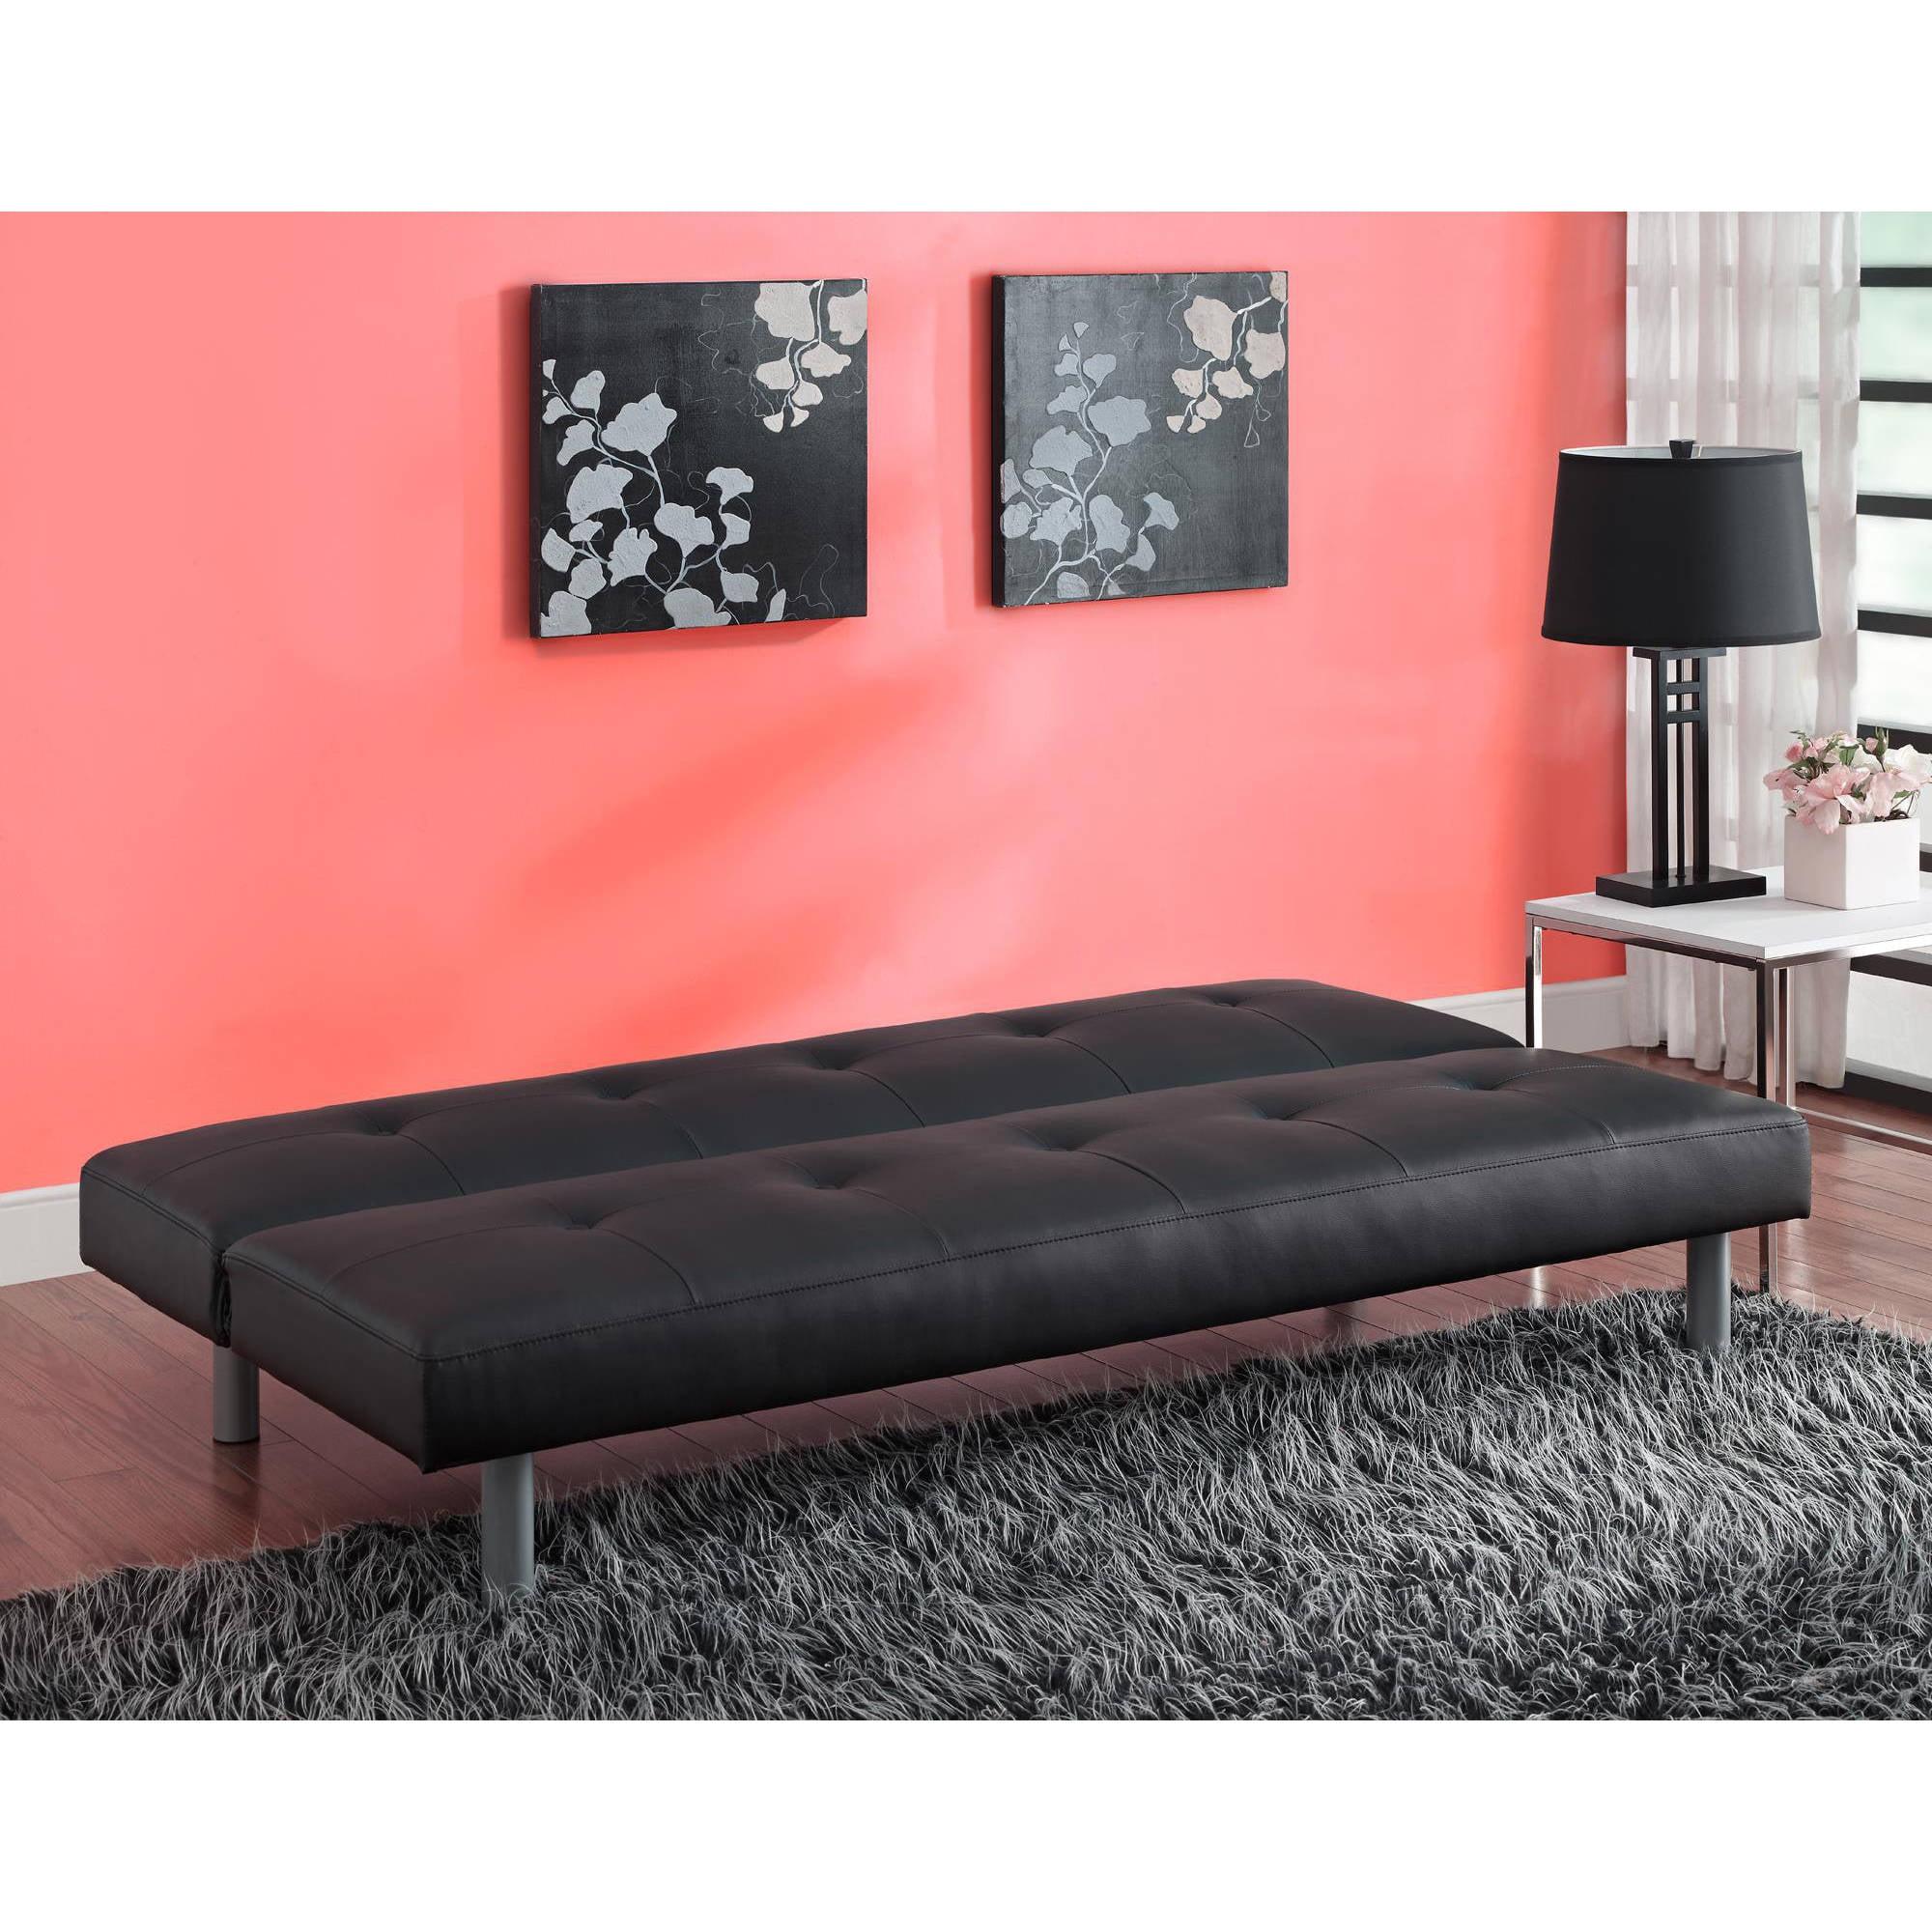 dhp nola tufted faux leather futon, multiple colors - walmart